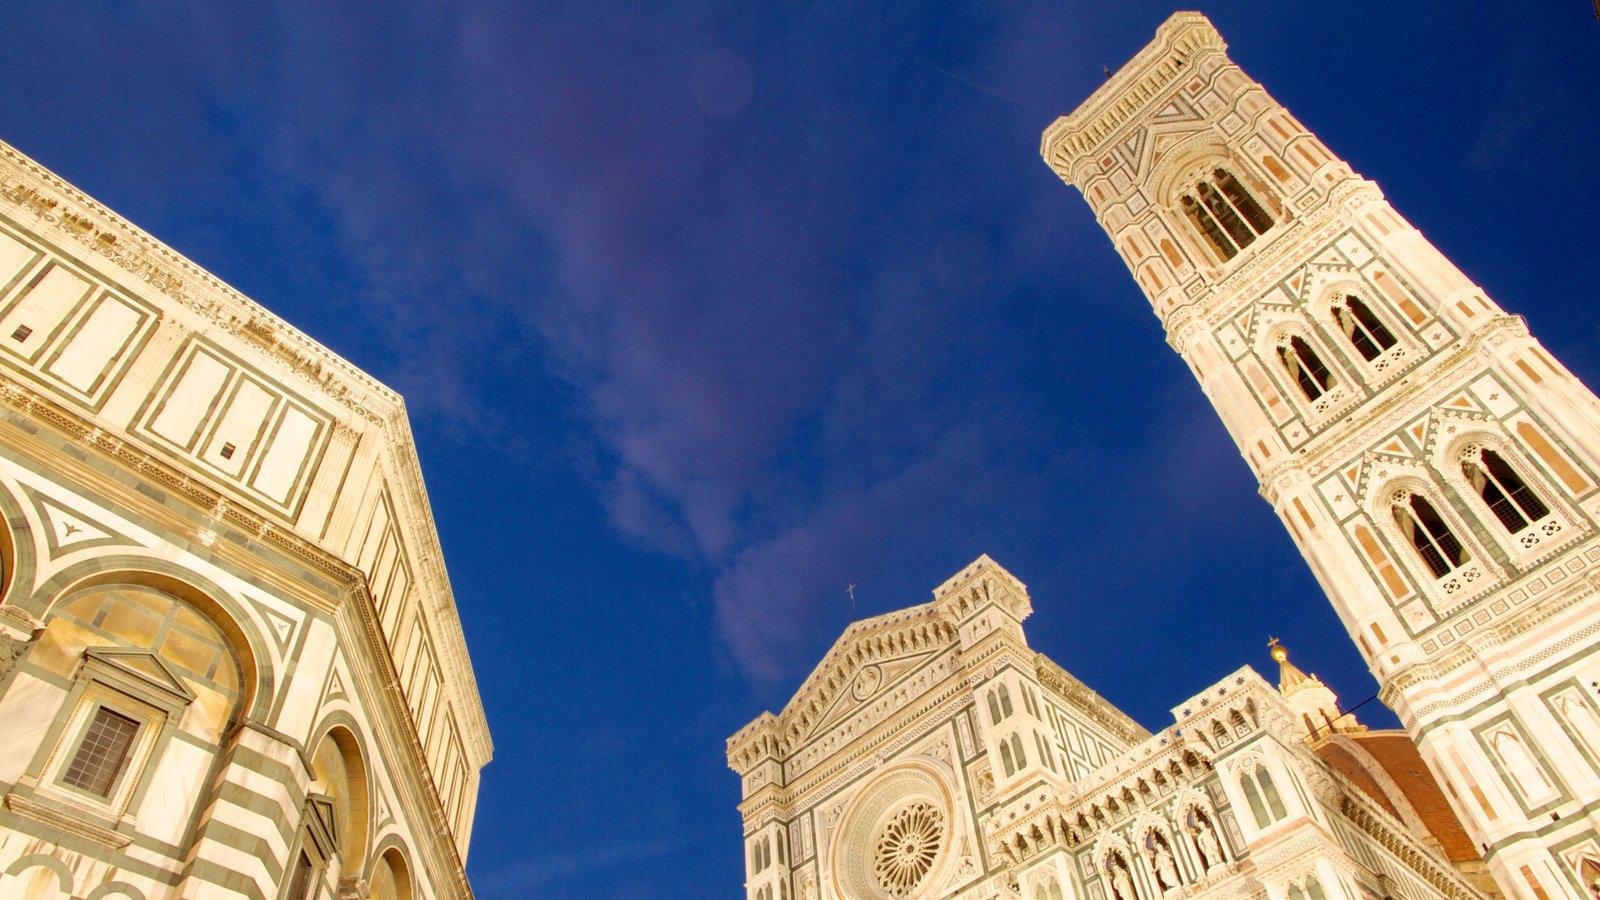 Piazza del Duomo caracterizando uma cidade, arte e uma igreja ou catedral